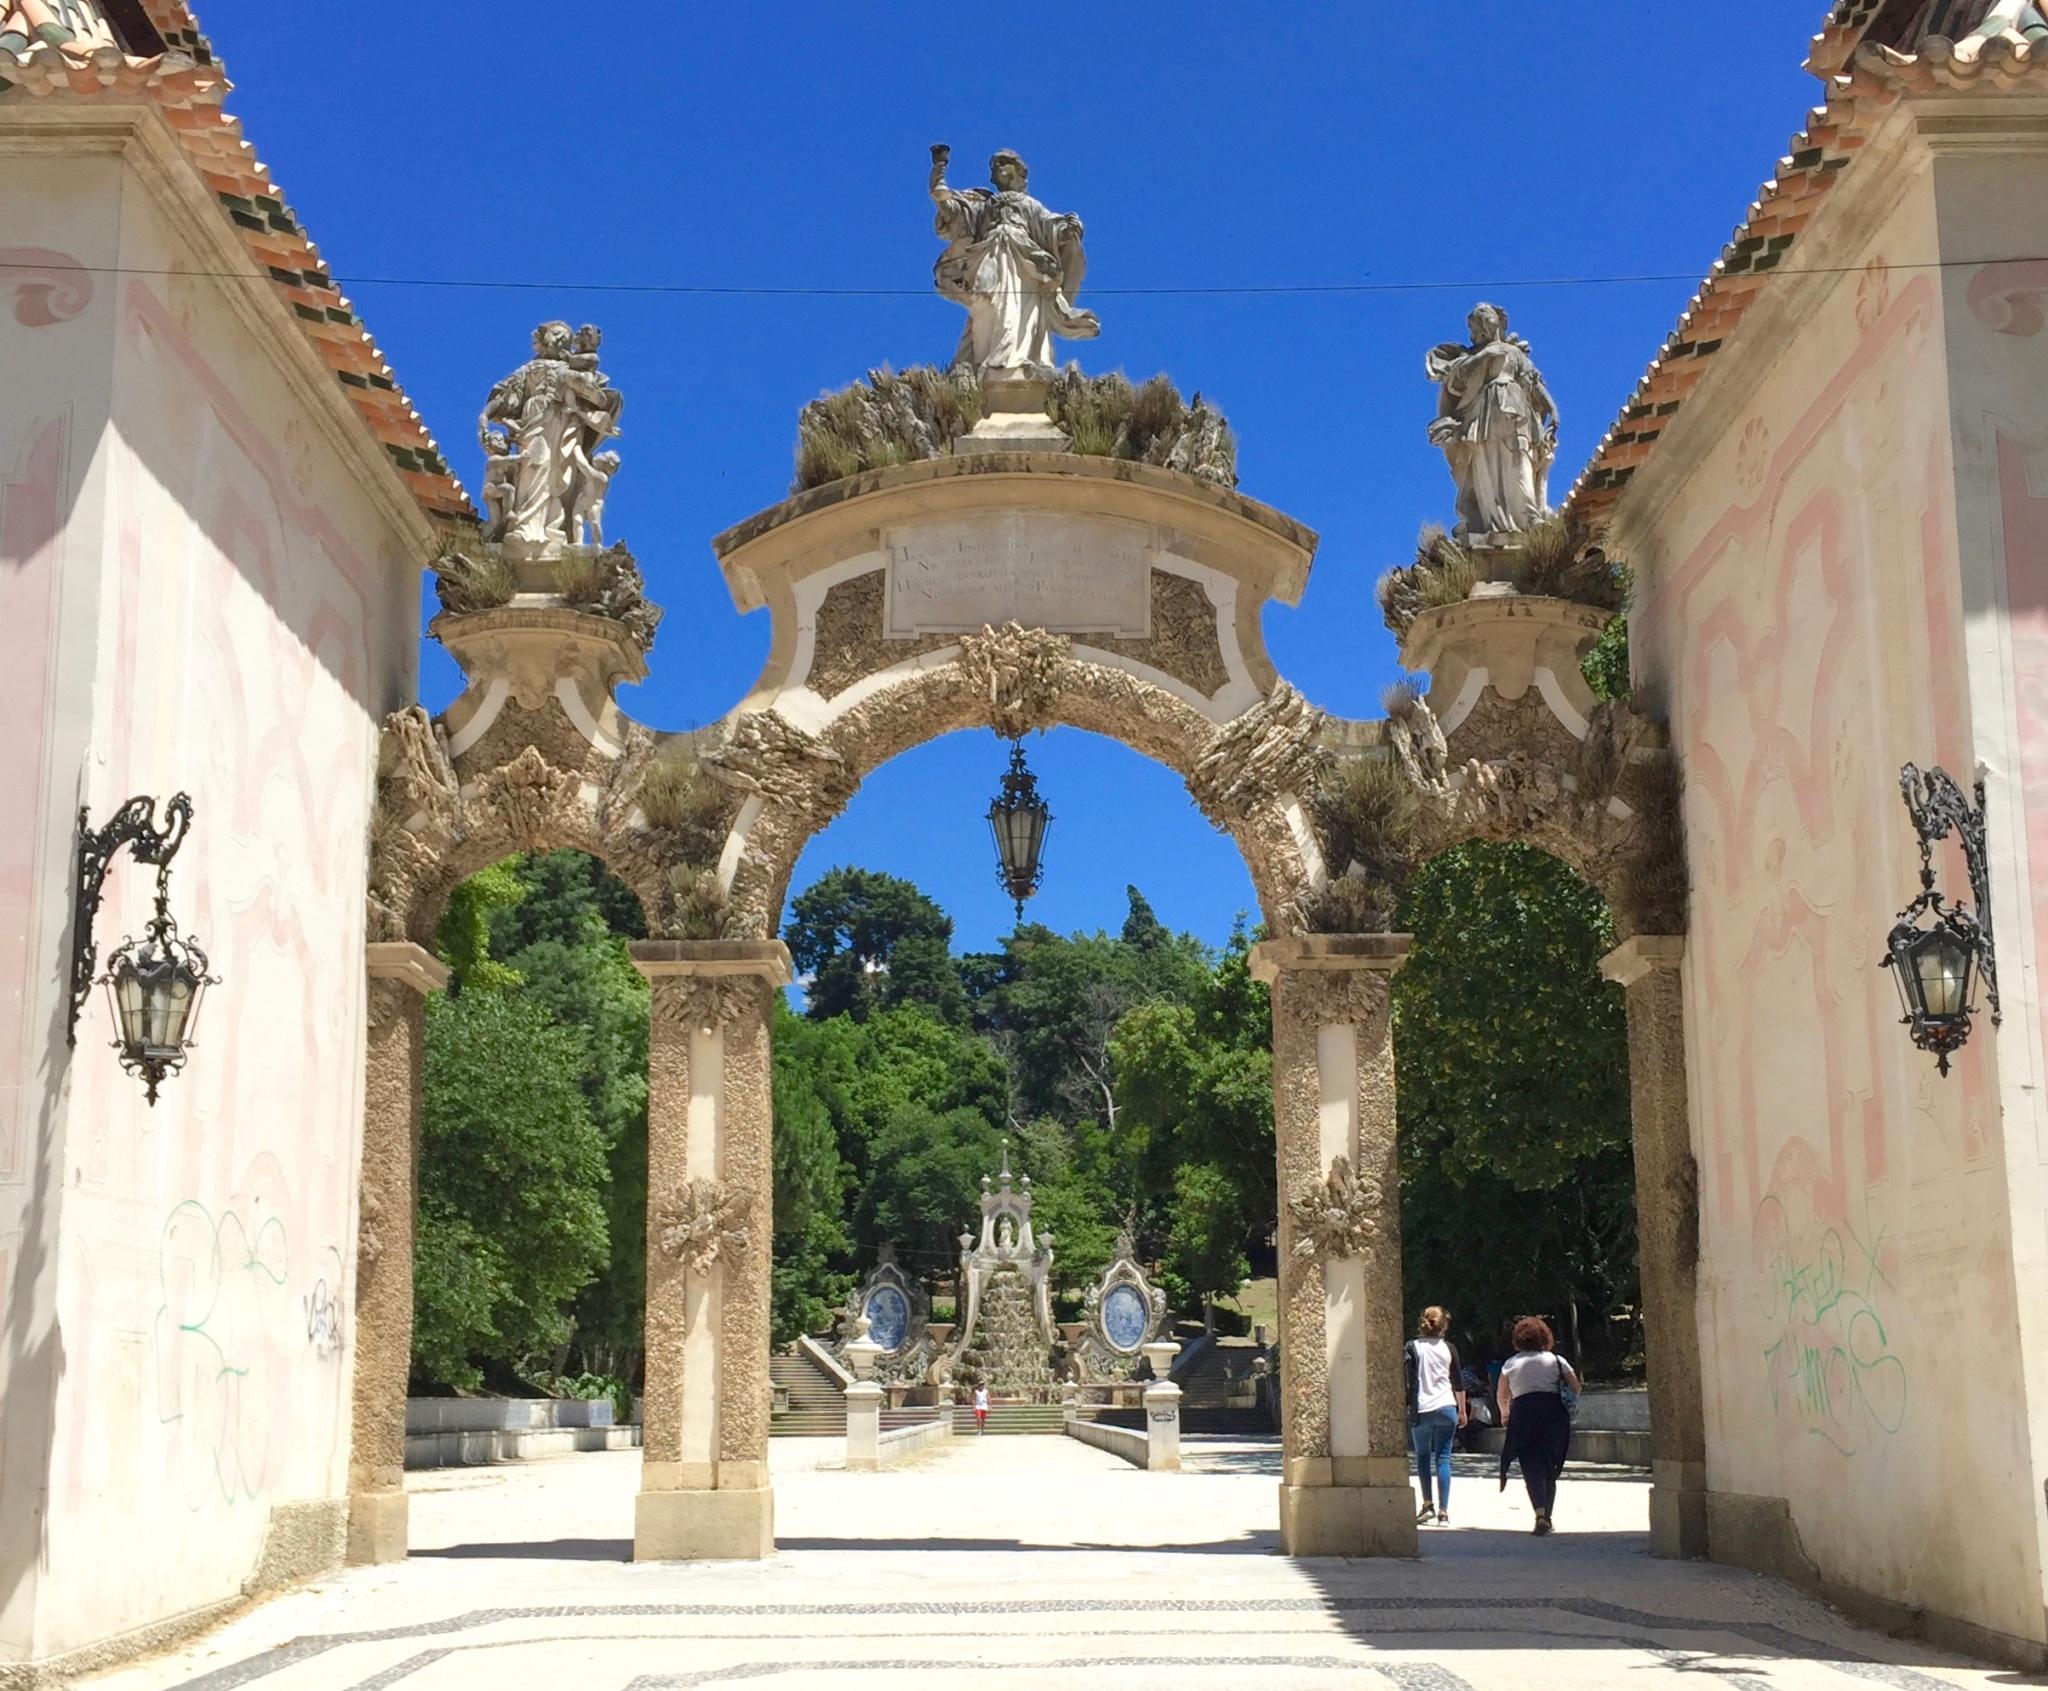 Serena Gardens in Coimbra